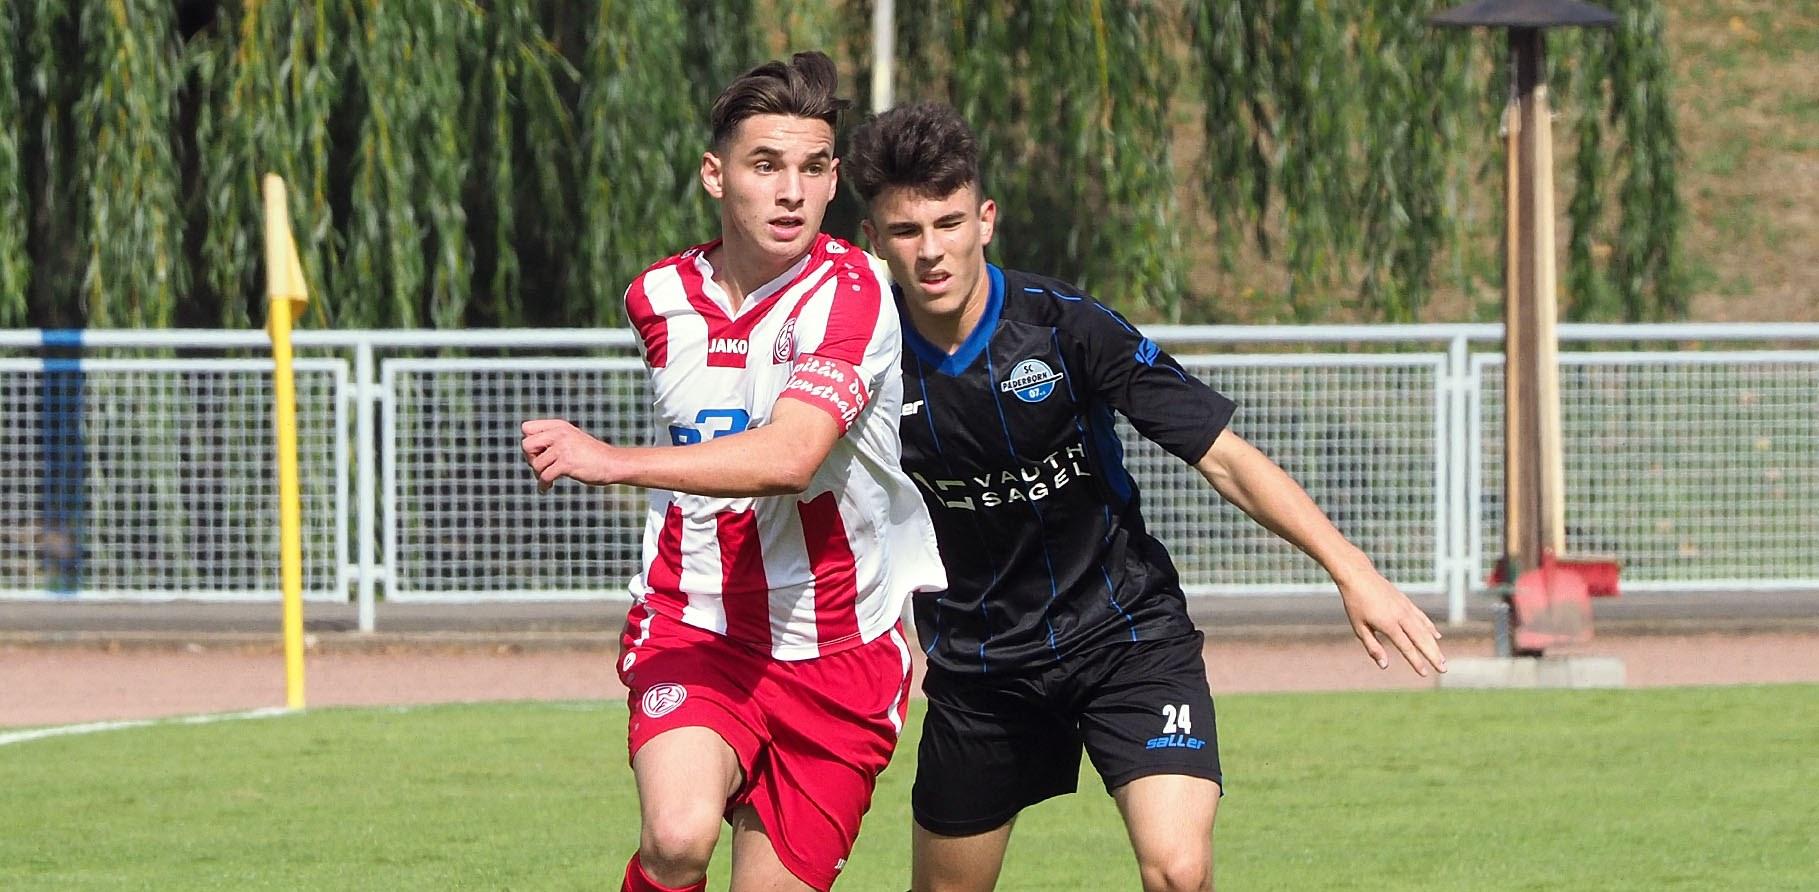 Die rot-weisse U17 musste sich an diesem Wochenende beim VfL Bochum mit 3:0 geschlagen geben.